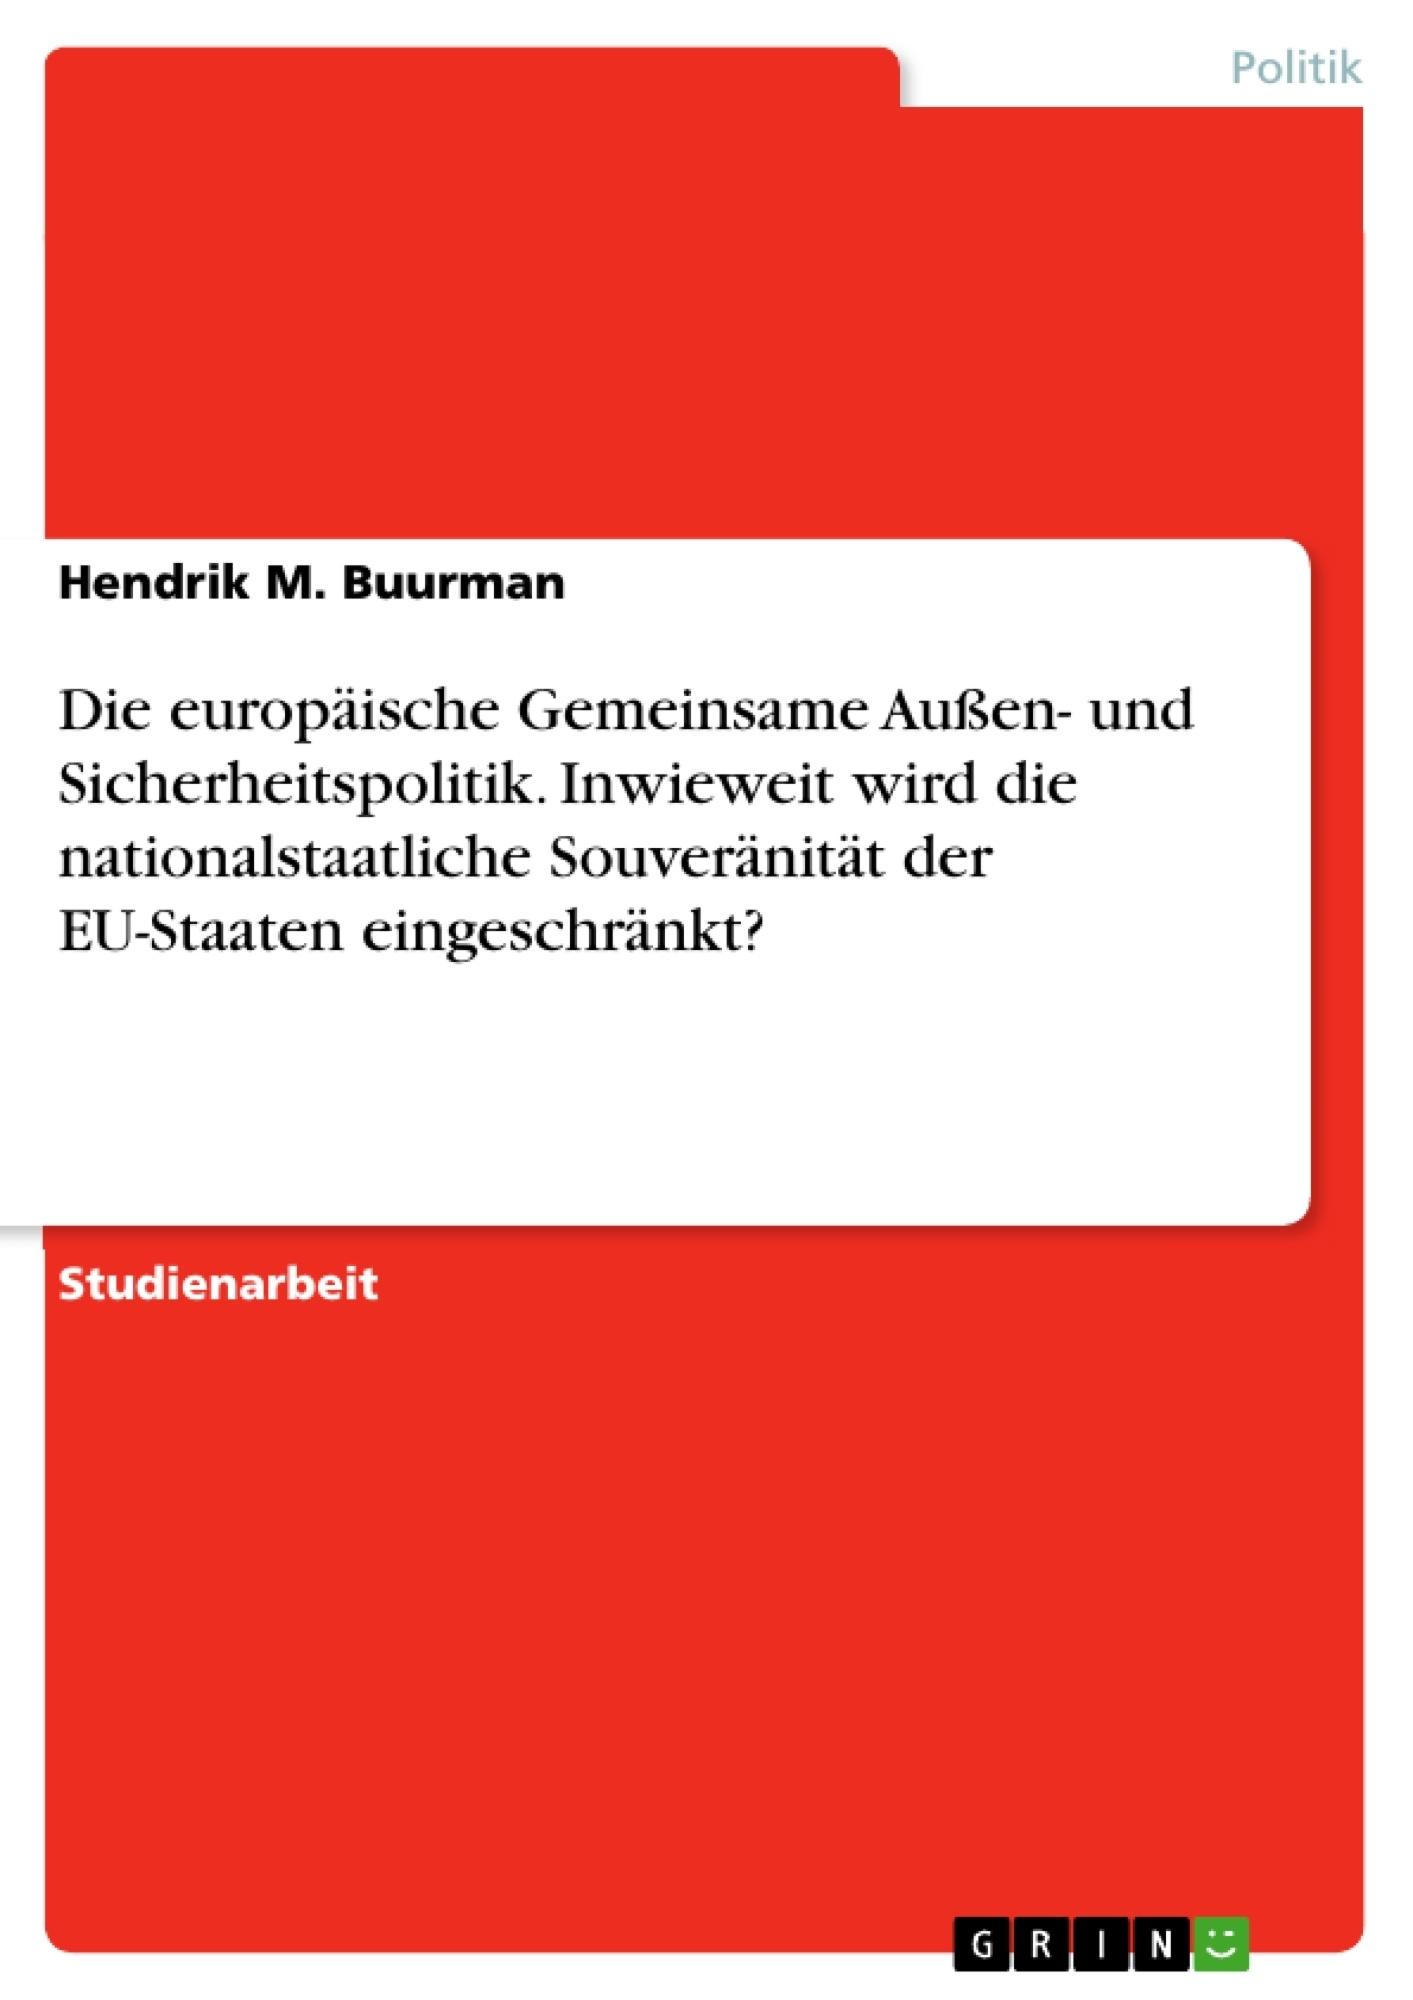 Titel: Die europäische Gemeinsame Außen- und Sicherheitspolitik. Inwieweit wird die nationalstaatliche Souveränität der EU-Staaten eingeschränkt?